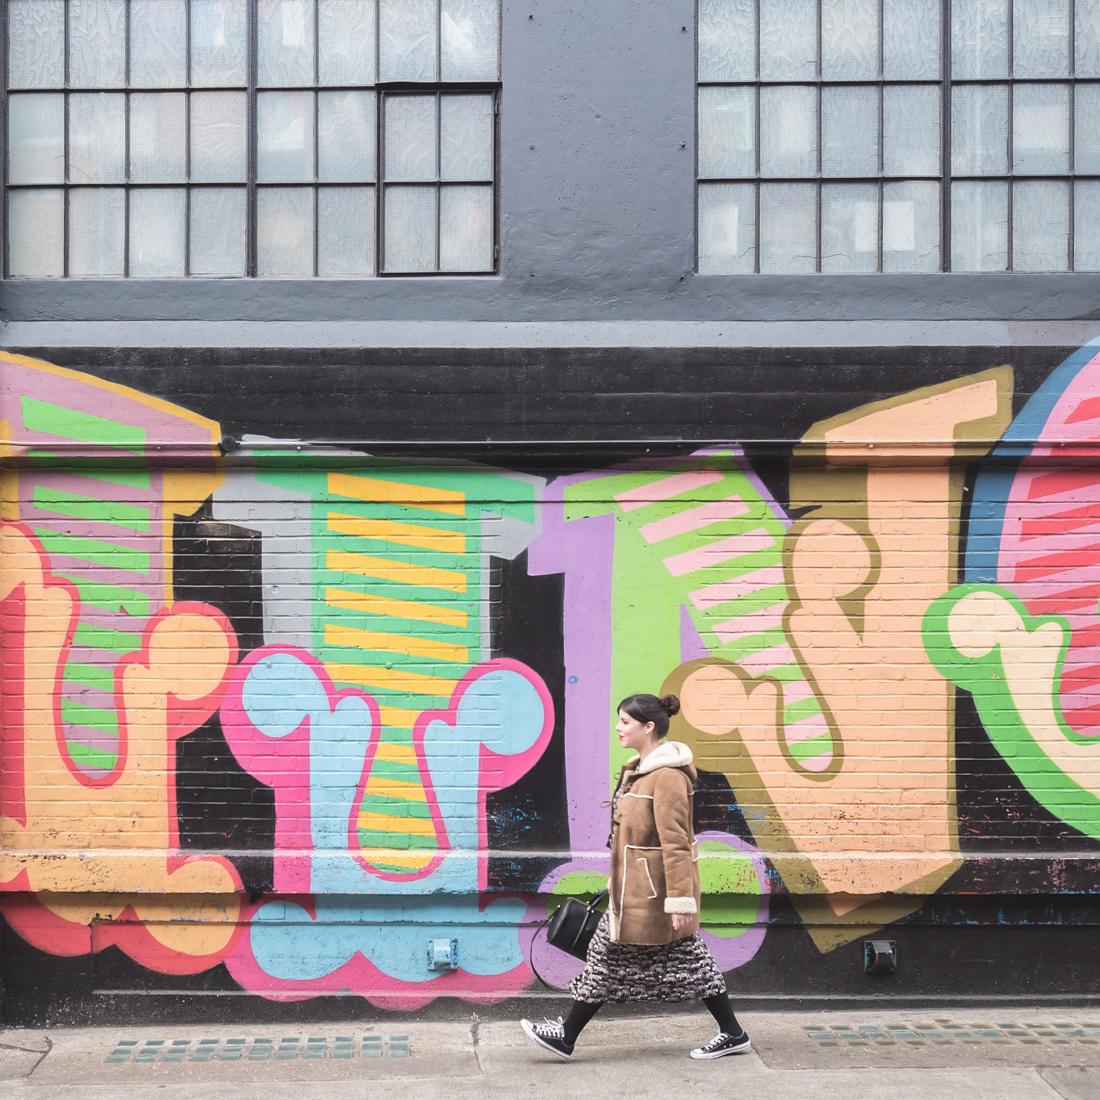 london cityguide abritel shoreditch copyright Pauline paulinefashionblog com 15 Un week end à Londres